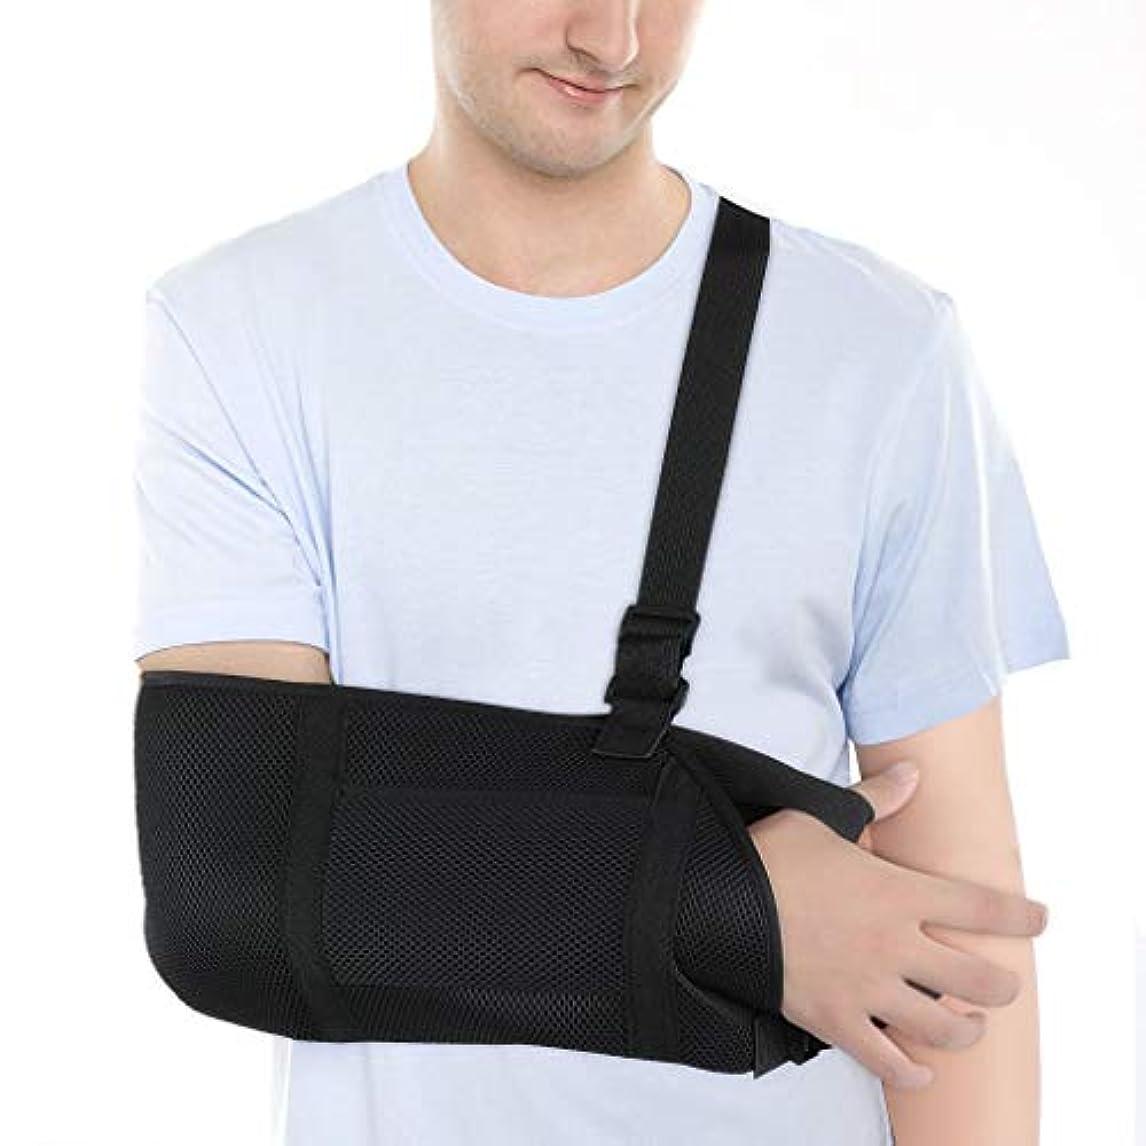 奨学金特異なタクト腕のスリング、骨折した腕のイモビライザーのための脱臼した肩スリング、親指サポート付き